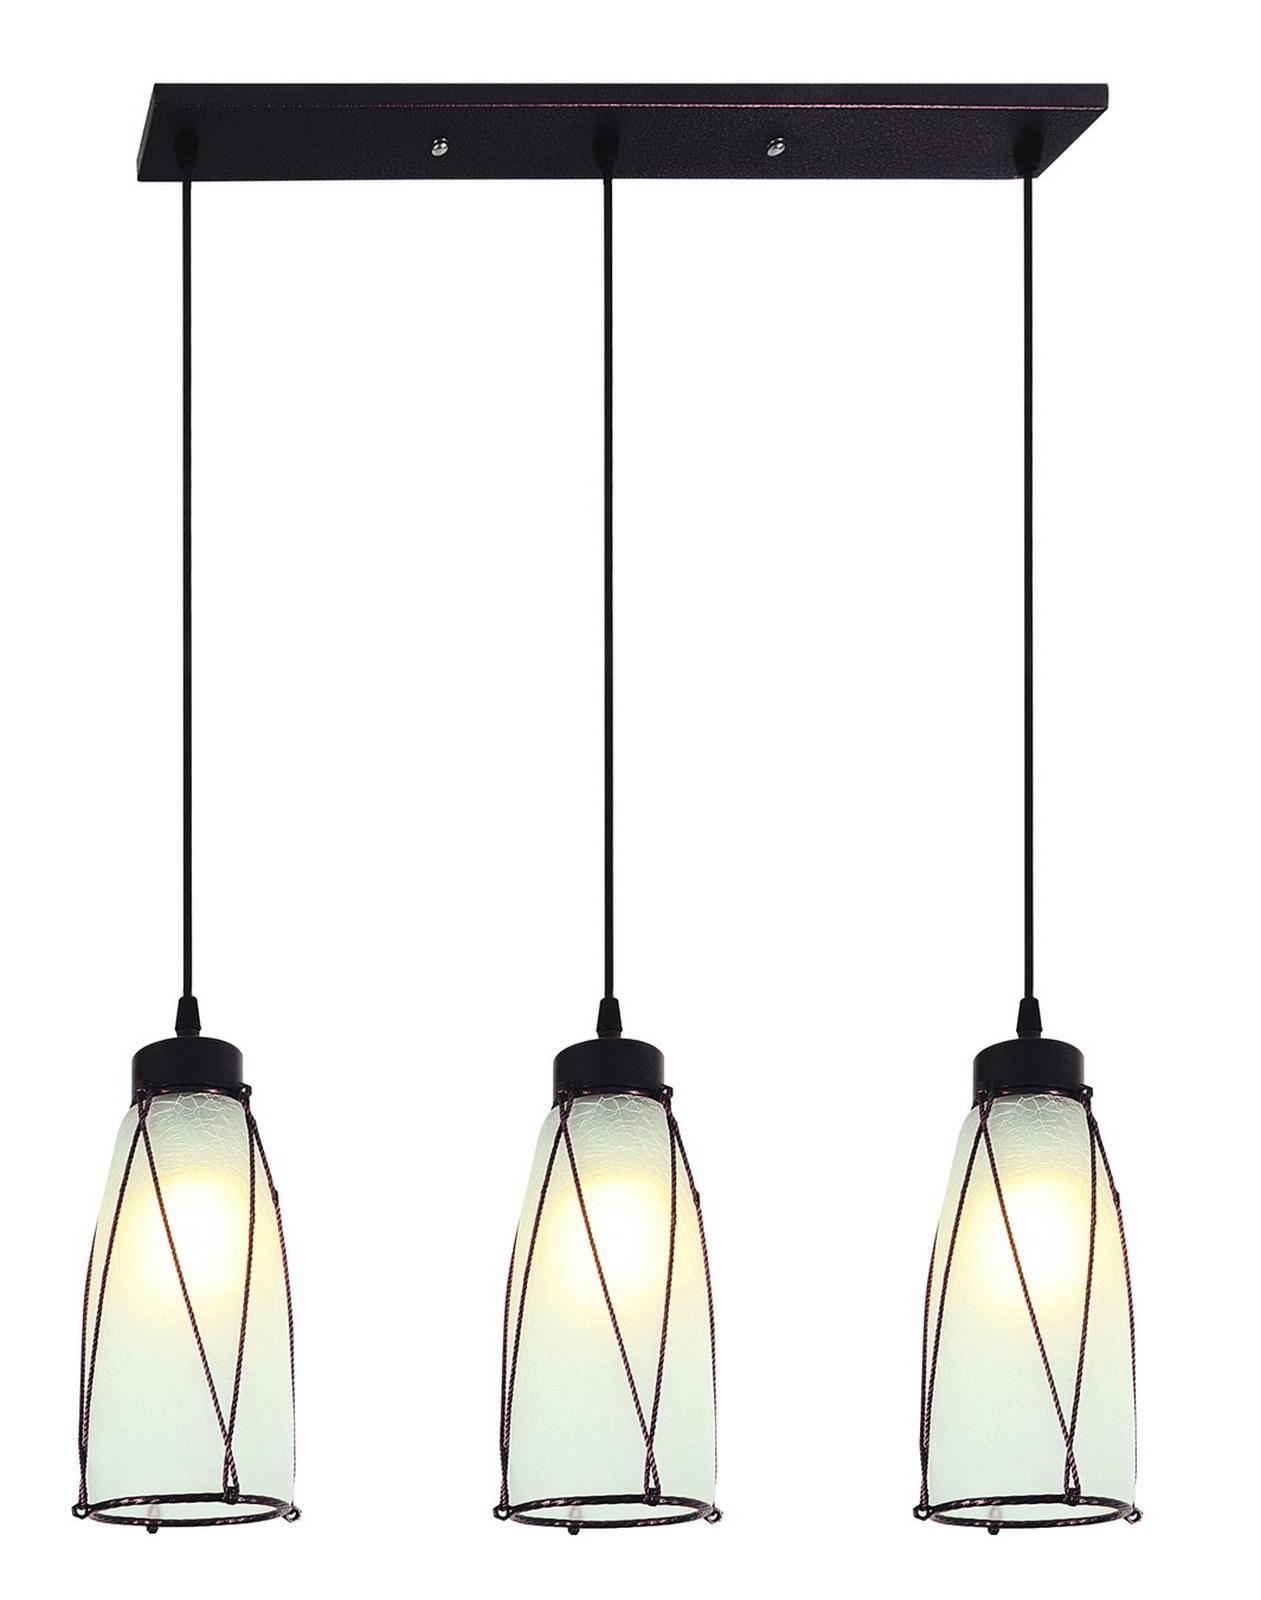 Люстра МАКСИСВЕТЛюстры<br>Назначение светильника: для гостиной,<br>Стиль светильника: модерн,<br>Тип: потолочная,<br>Материал светильника: металл, стекло,<br>Материал плафона: стекло,<br>Материал арматуры: металл,<br>Длина (мм): 550,<br>Ширина: 120,<br>Высота: 800,<br>Количество ламп: 3,<br>Тип лампы: накаливания,<br>Мощность: 40,<br>Патрон: Е27,<br>Пульт ДУ: нет,<br>Цвет арматуры: дерево<br>